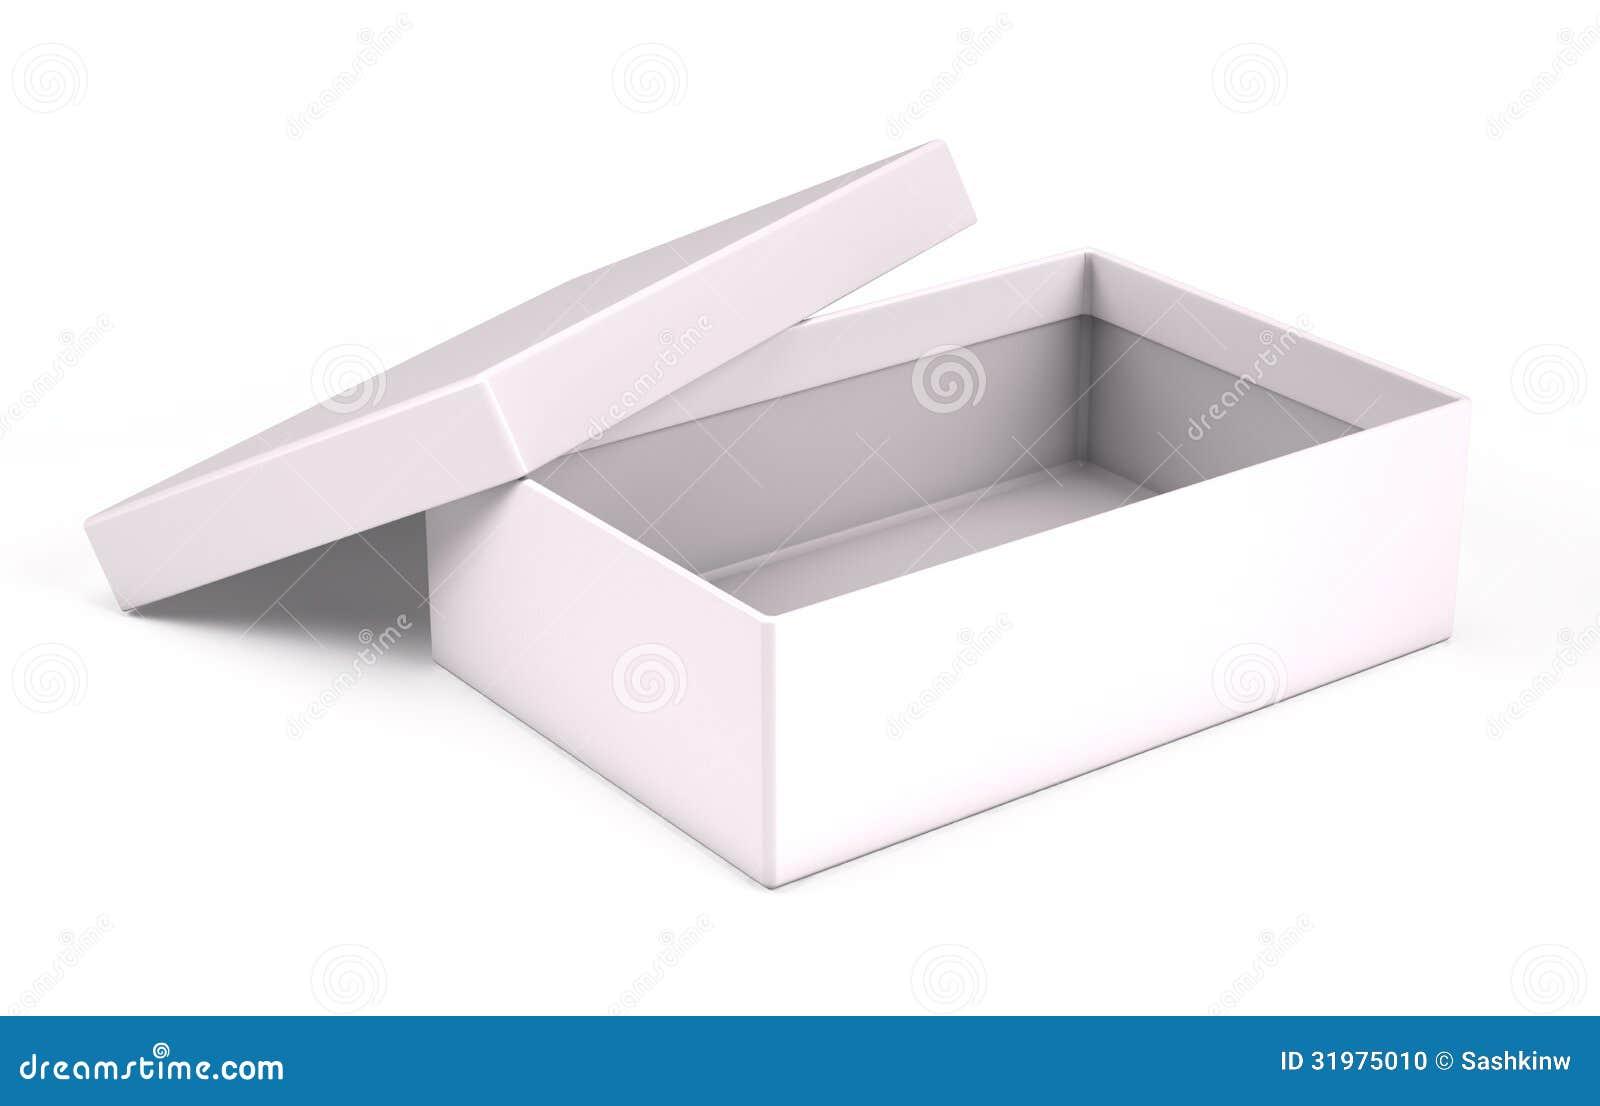 Open White Box Stock Photo - Image: 31975010